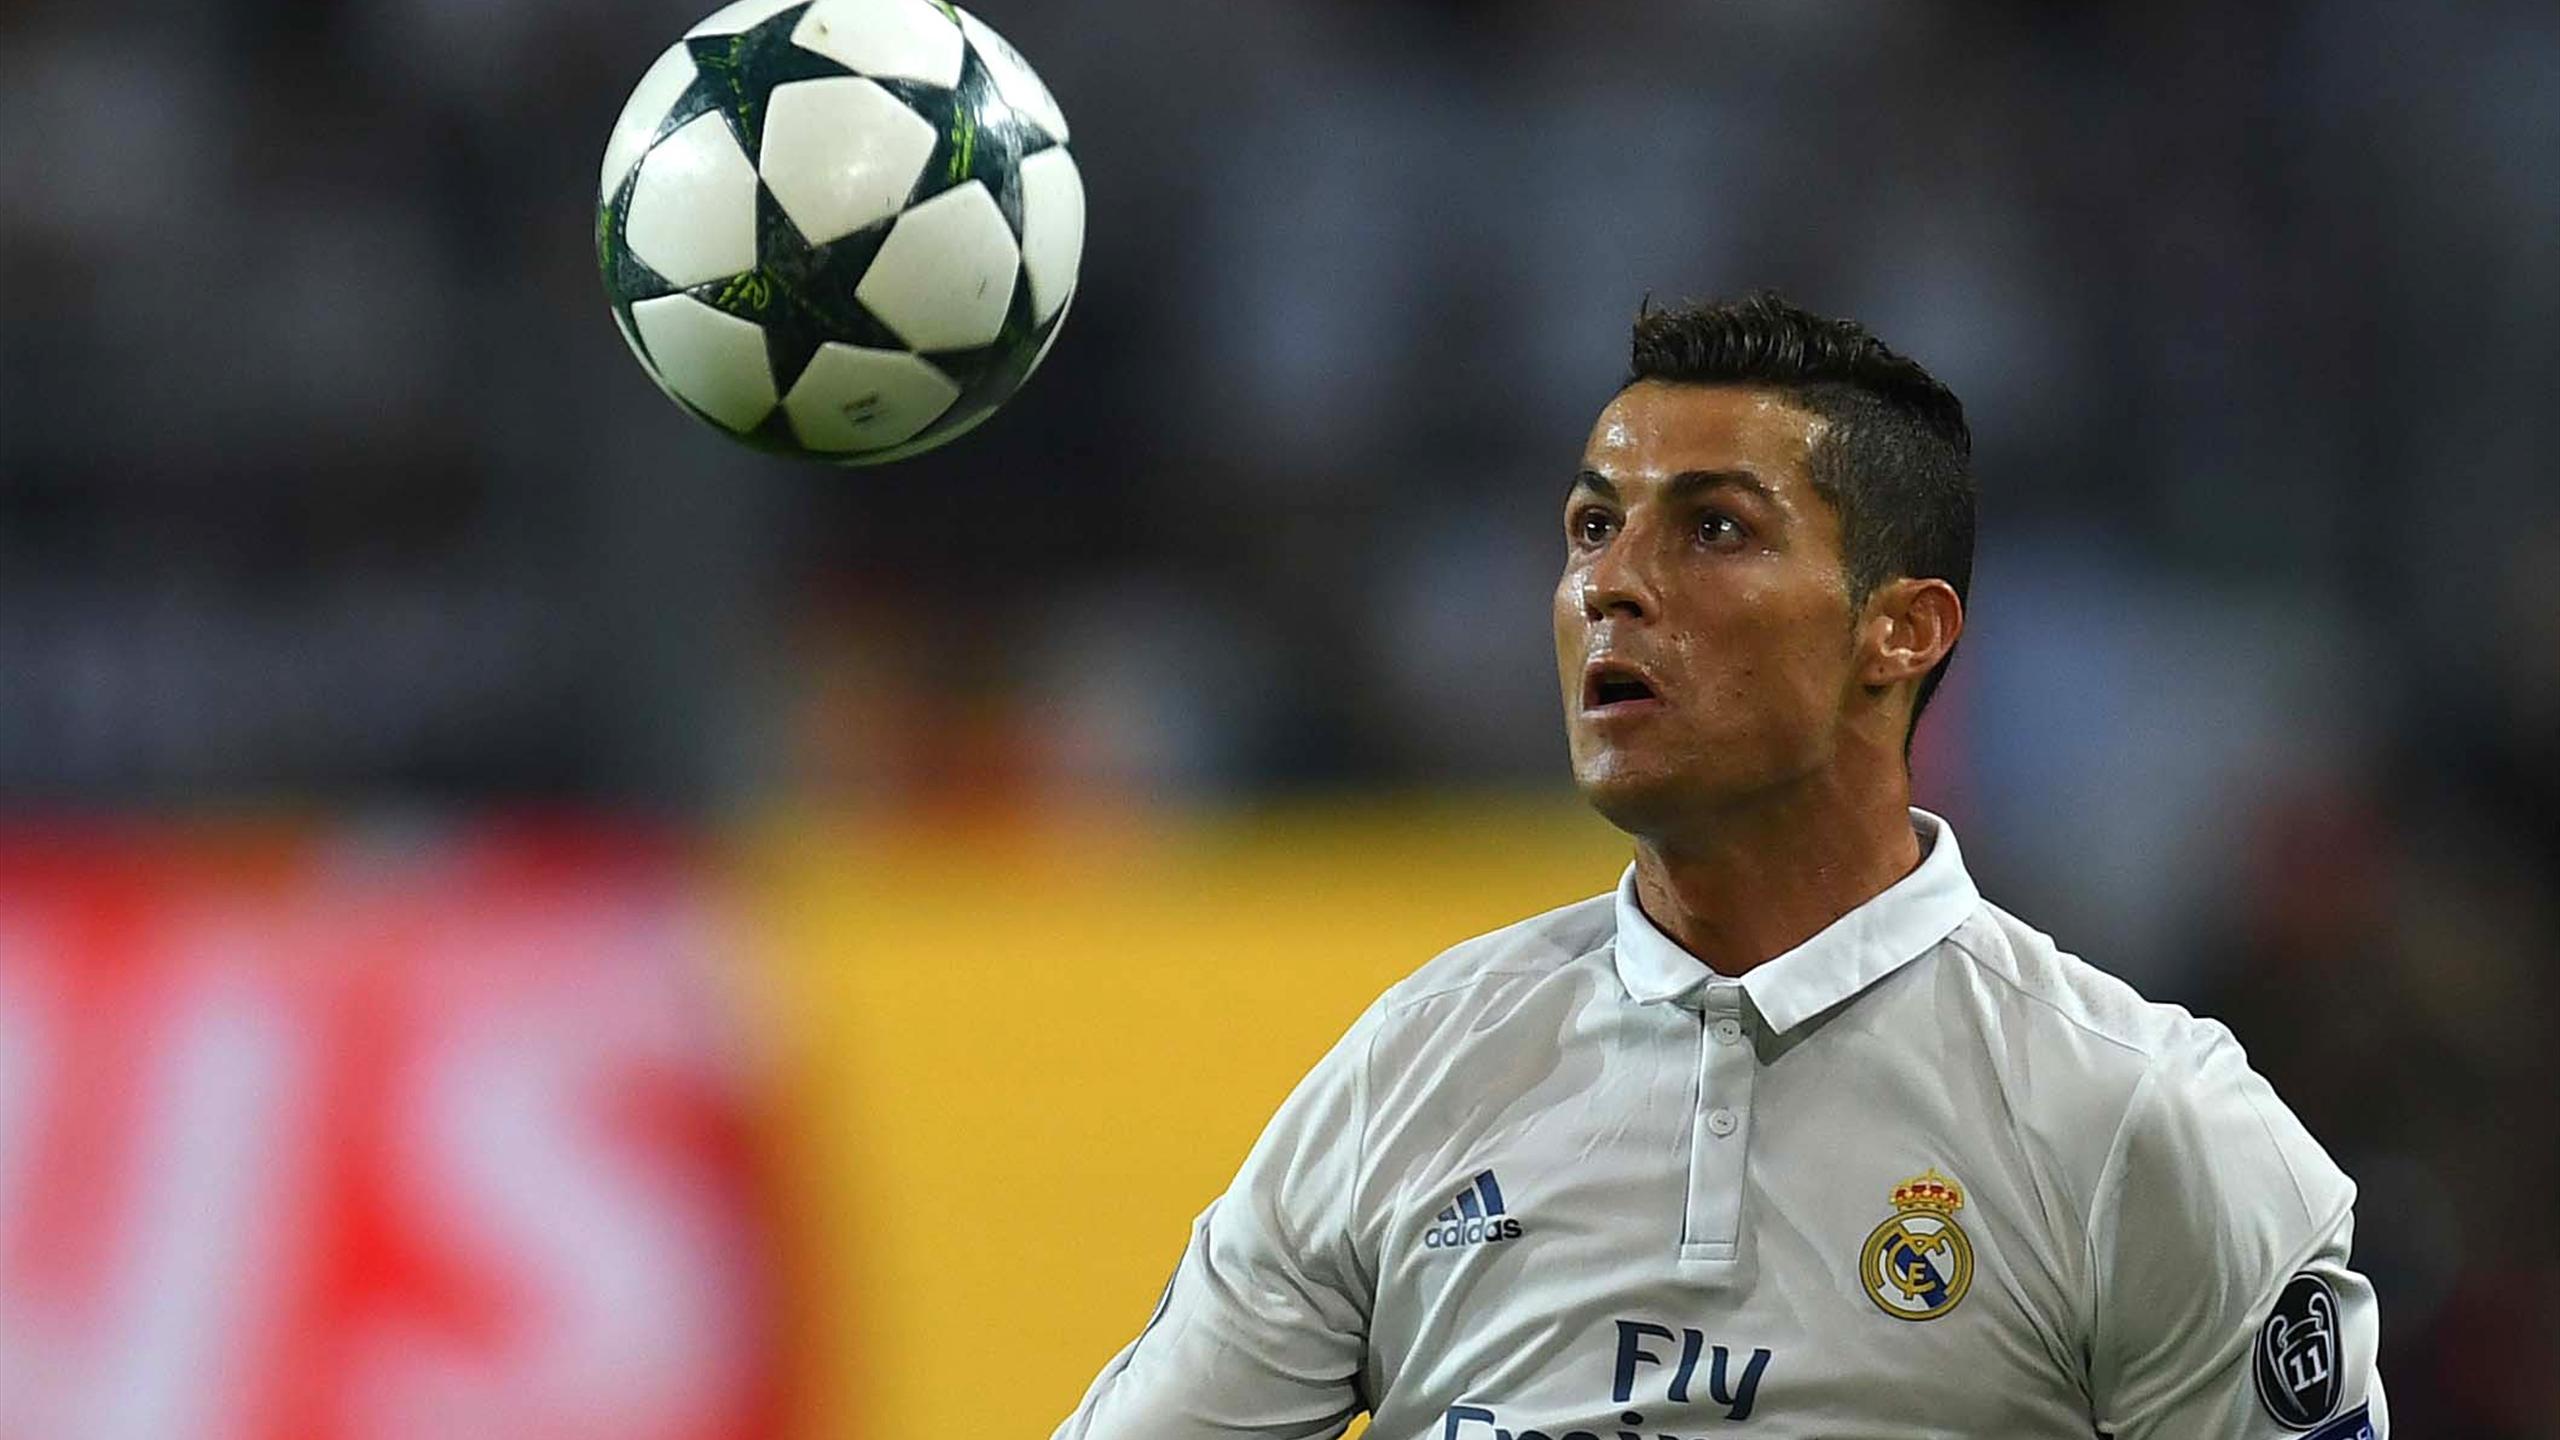 Великие футболисты картинки